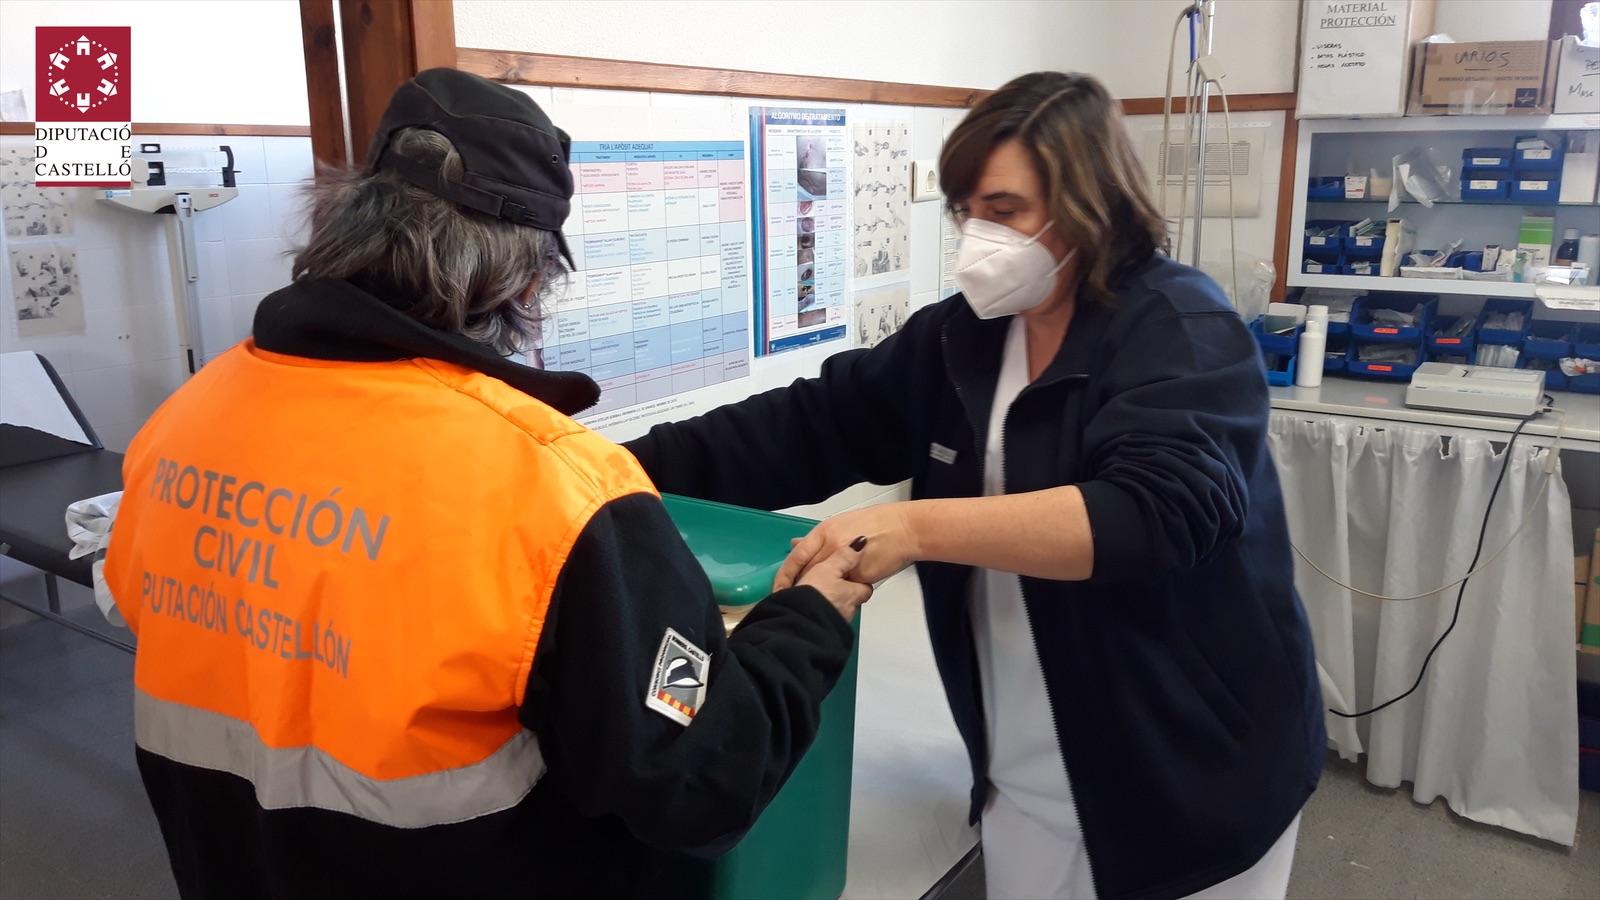 Protección Civil de la Diputación de Castellón asume el transporte de las vacunas y pruebas PCR en Els Ports ante el mal estado de las carreteras